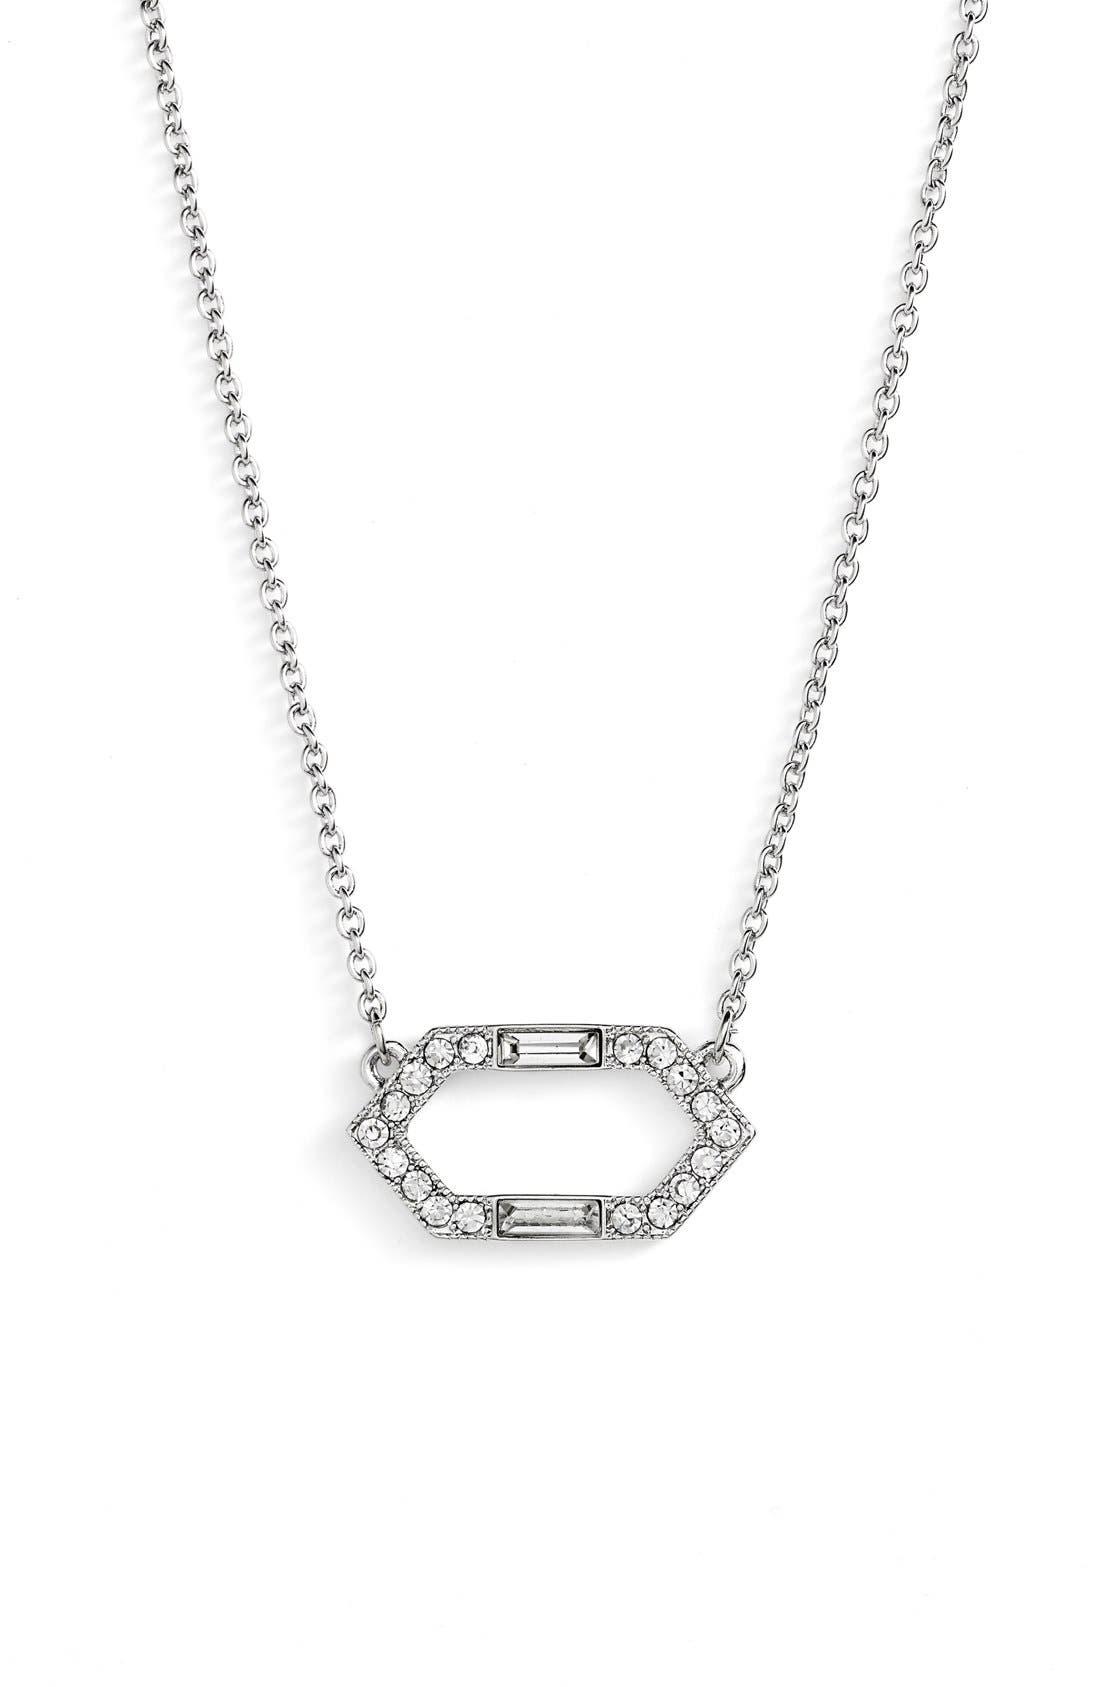 Main Image - Lauren Ralph Lauren Crystal Pendant Necklace